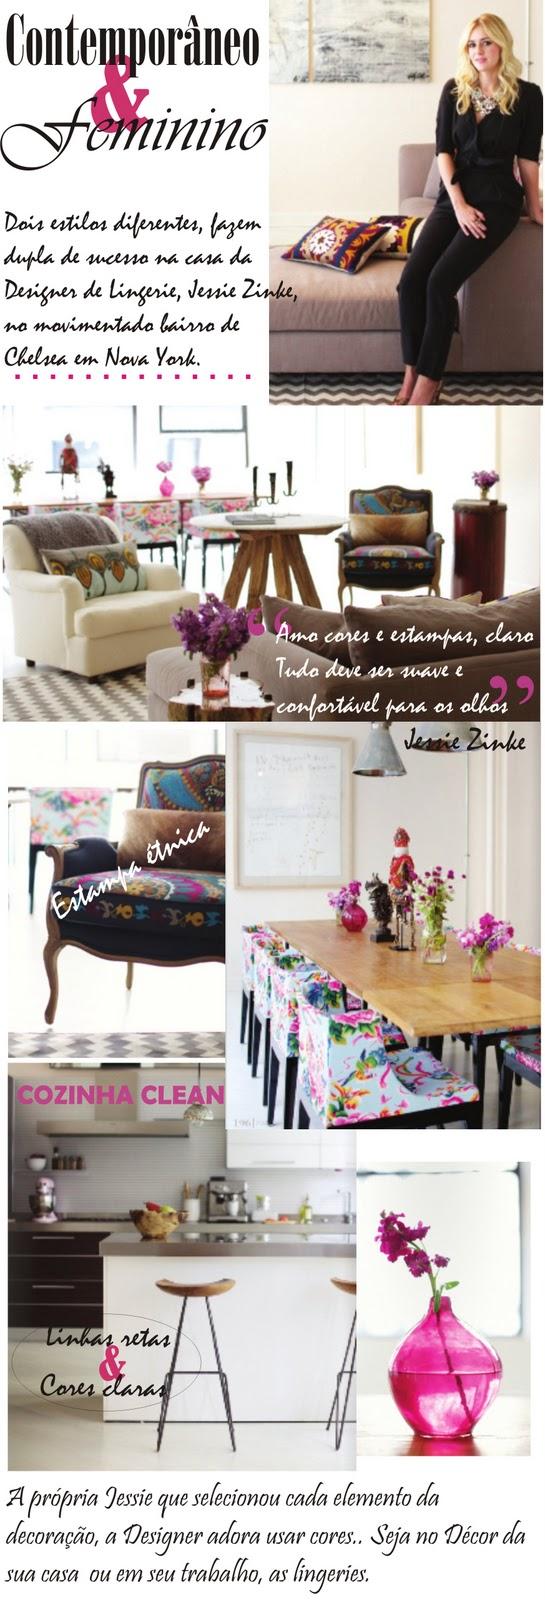 2ade027c6 Blog Luz   Design  Decoração da casa da Designer de Lingerie.